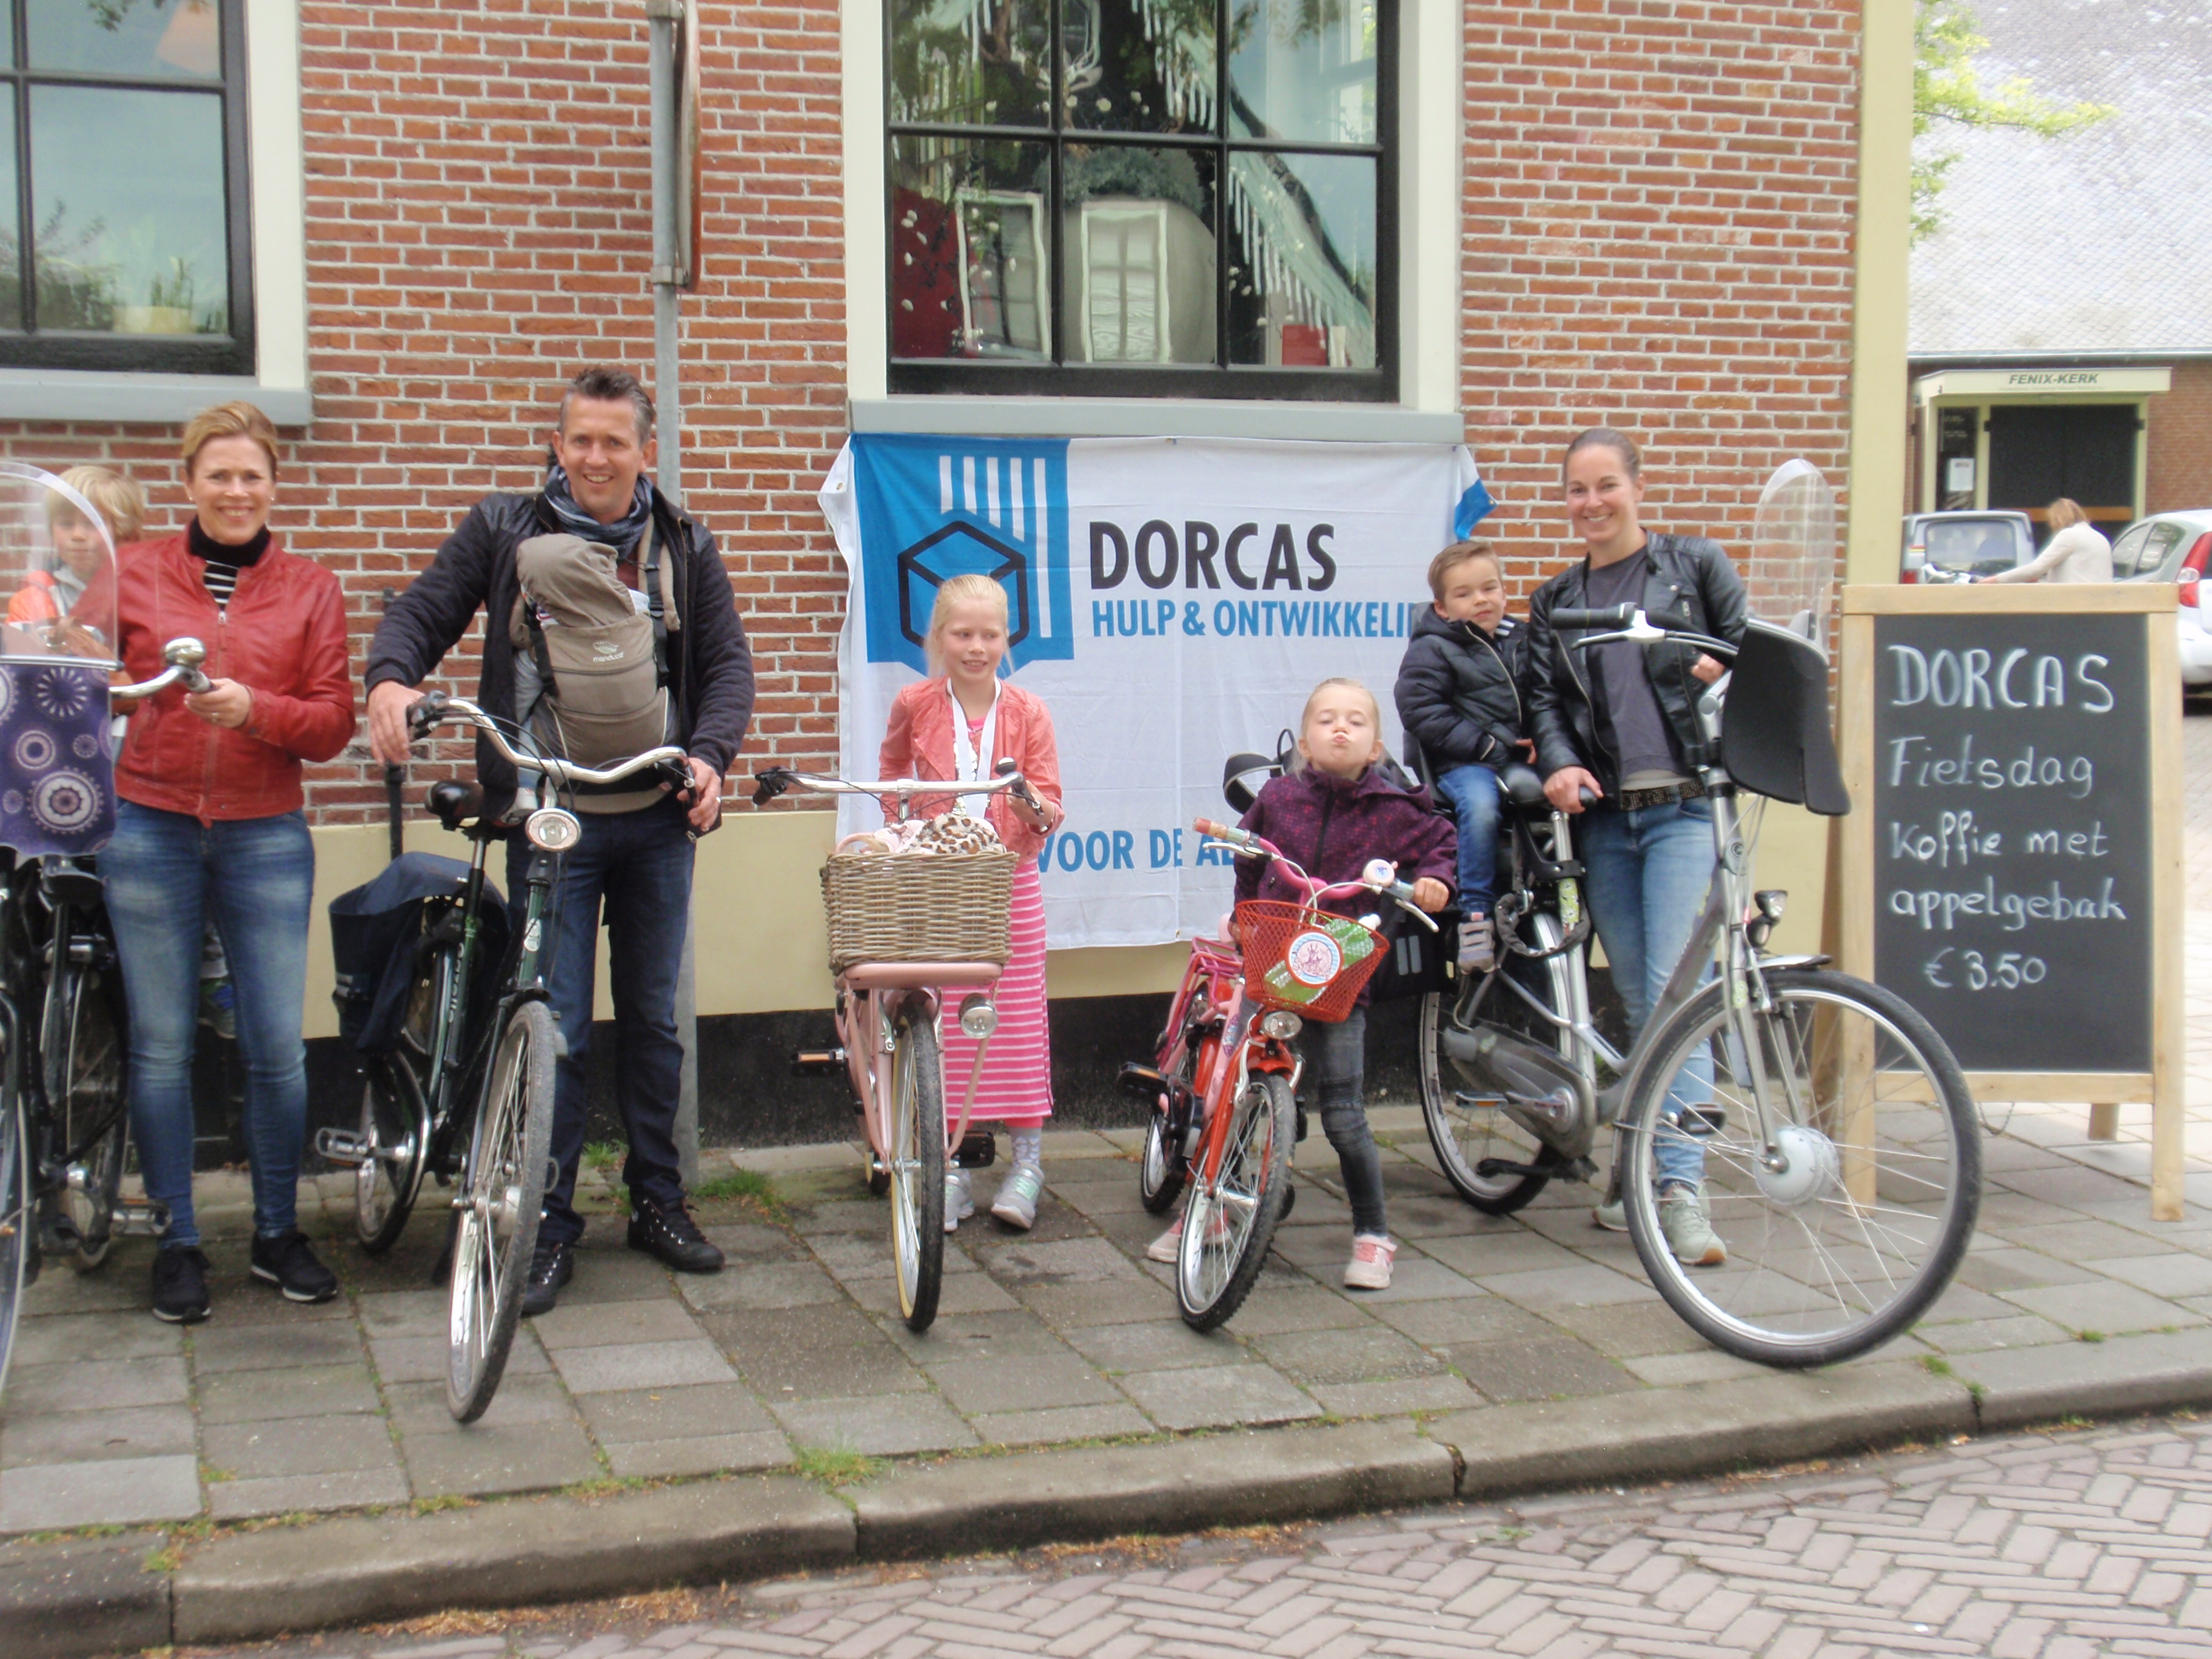 Ook gezinnen stapten op de fiets en reden mee met de Dorcas Fietsdag. (Foto: aangeleverd)